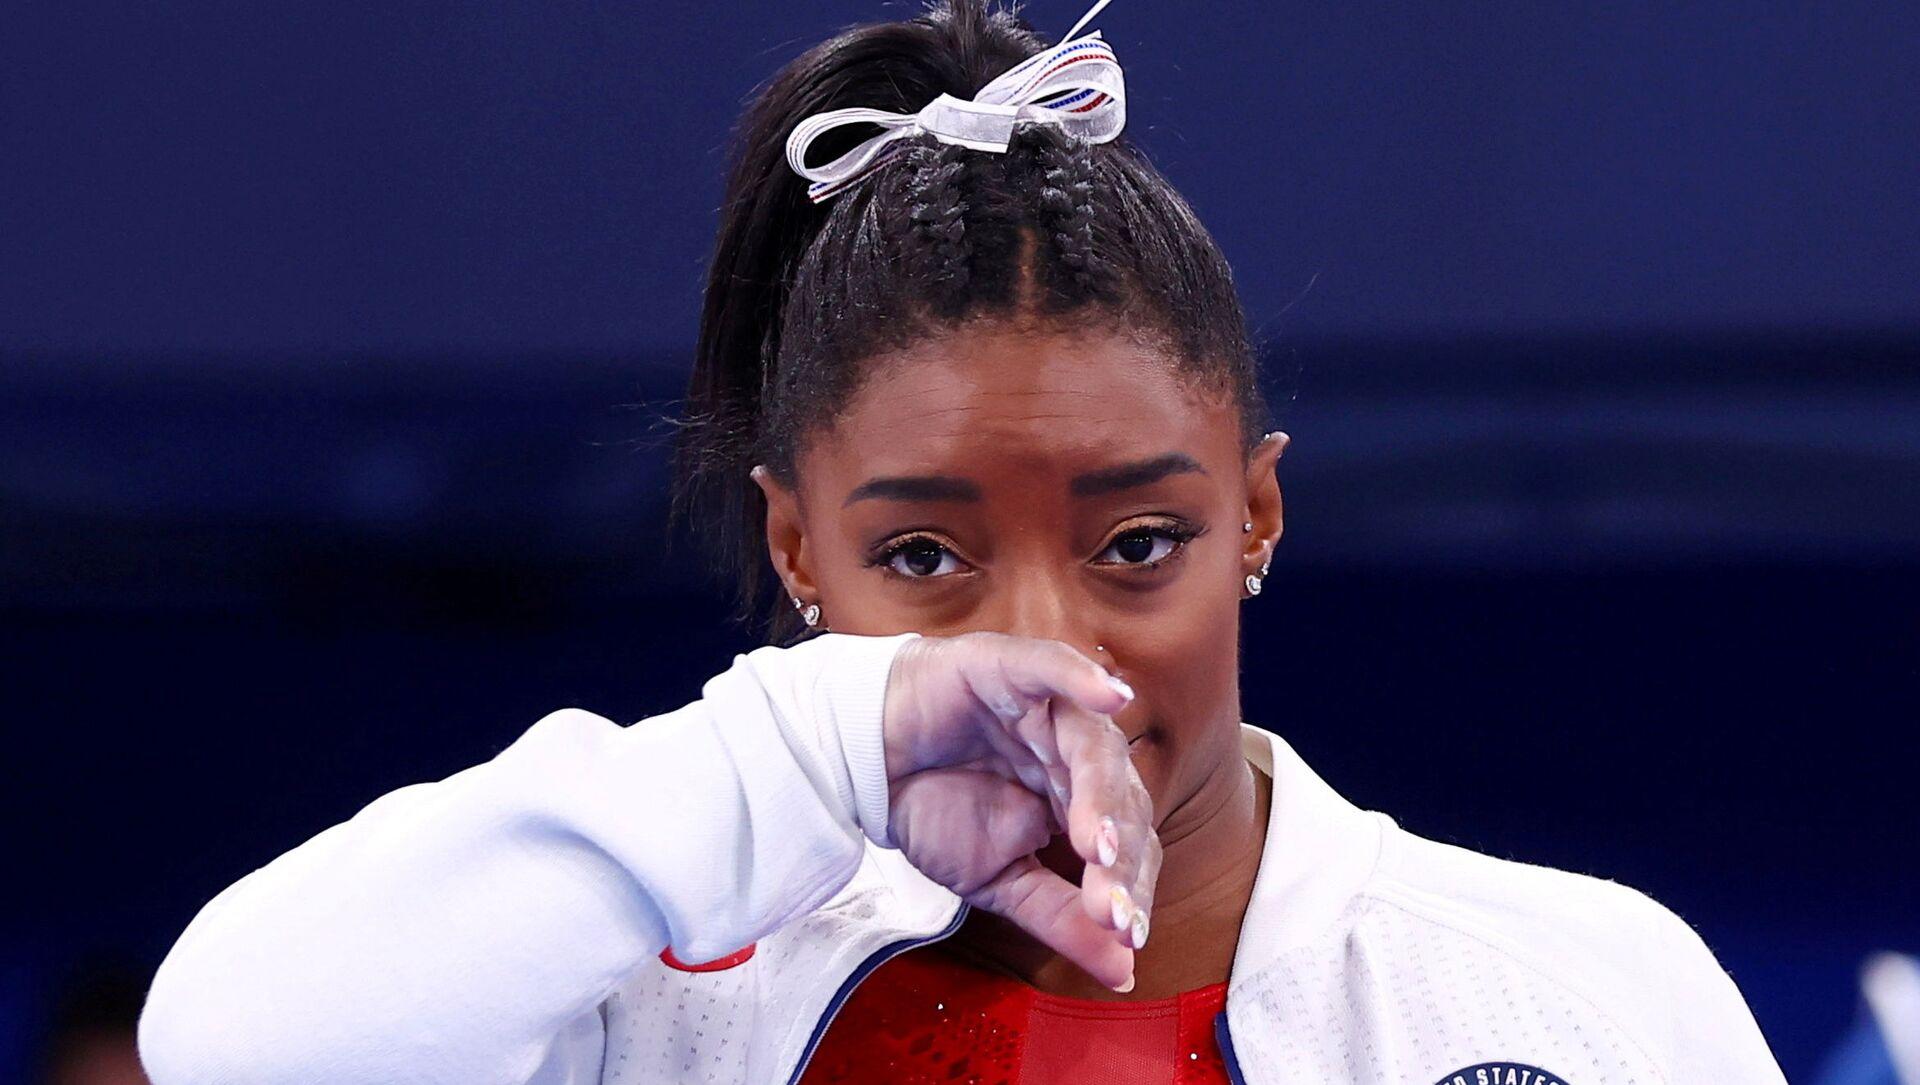 Tokyo Olimpiyatı'nda zorlanan ve üst üste finallerden çekilen ABD'li jimnastikçi Simone Biles - Sputnik Türkiye, 1920, 28.07.2021